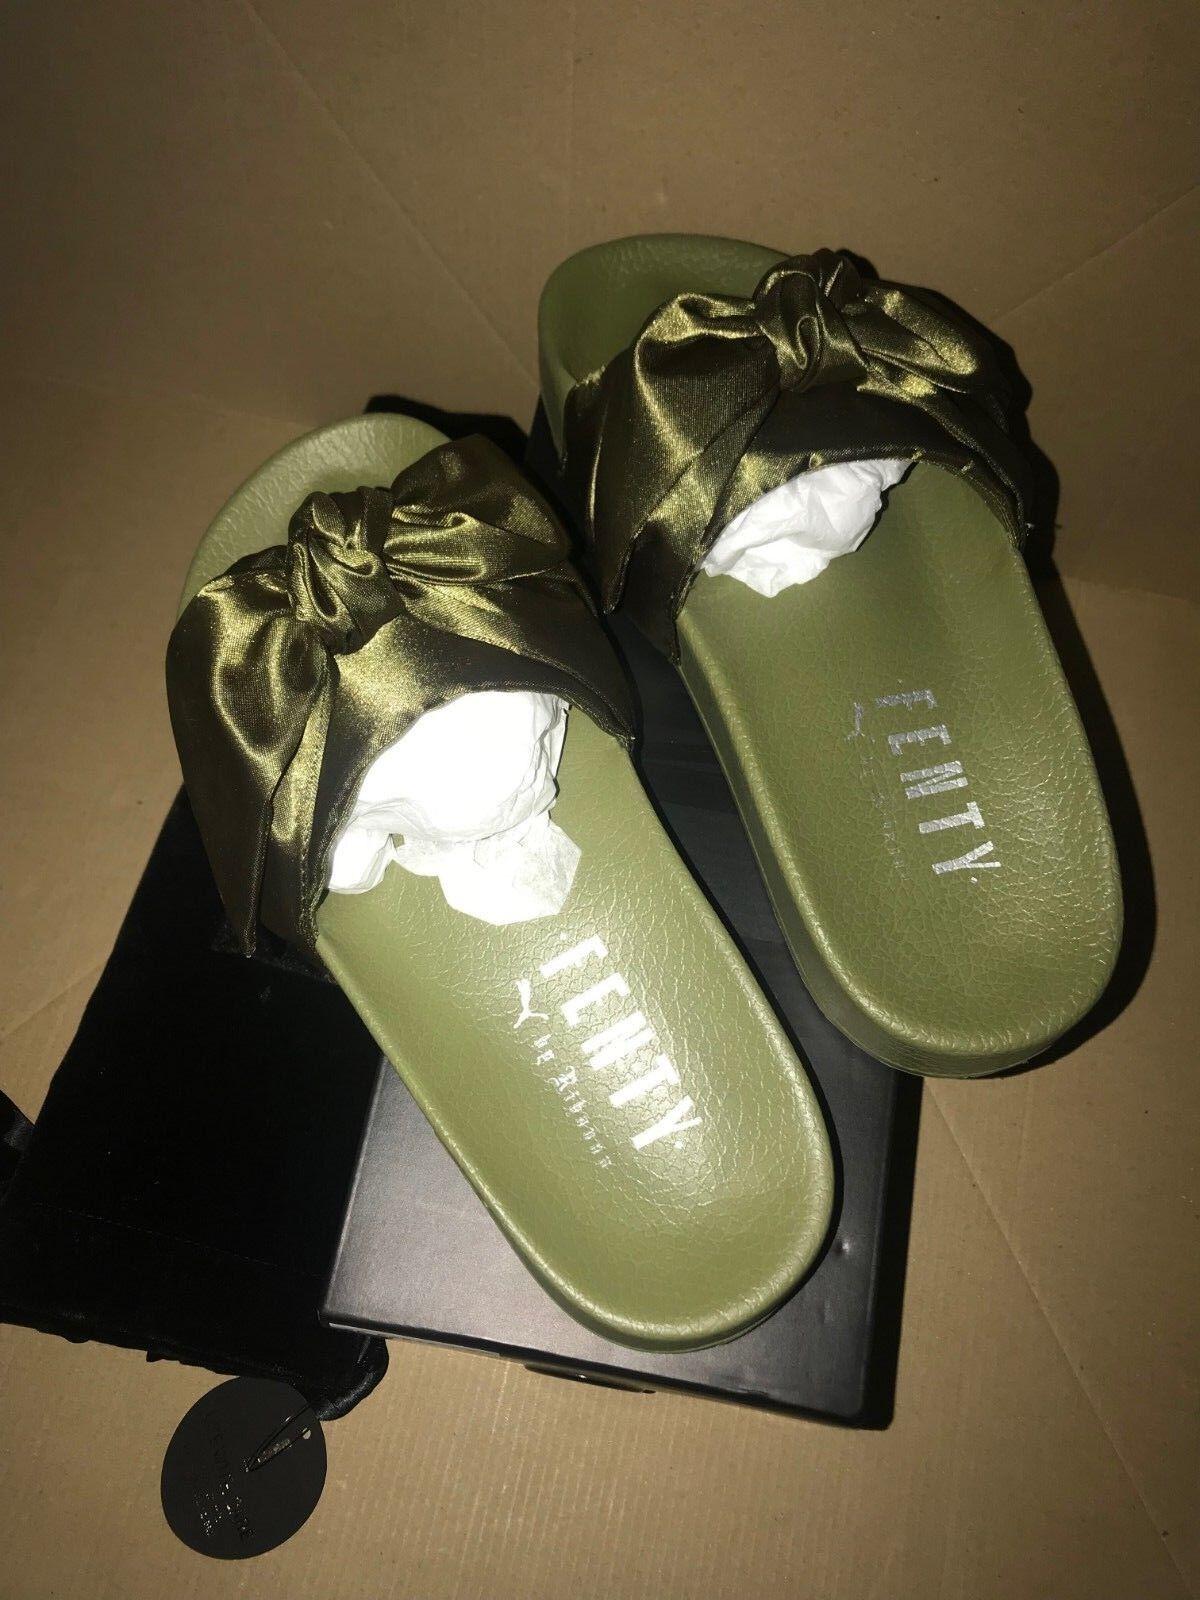 comprar ahora Puma BUDGET por Rihanna Rihanna Rihanna Moño Deslizadores diapositiva oliva tamaño de Reino Unido 3  para barato